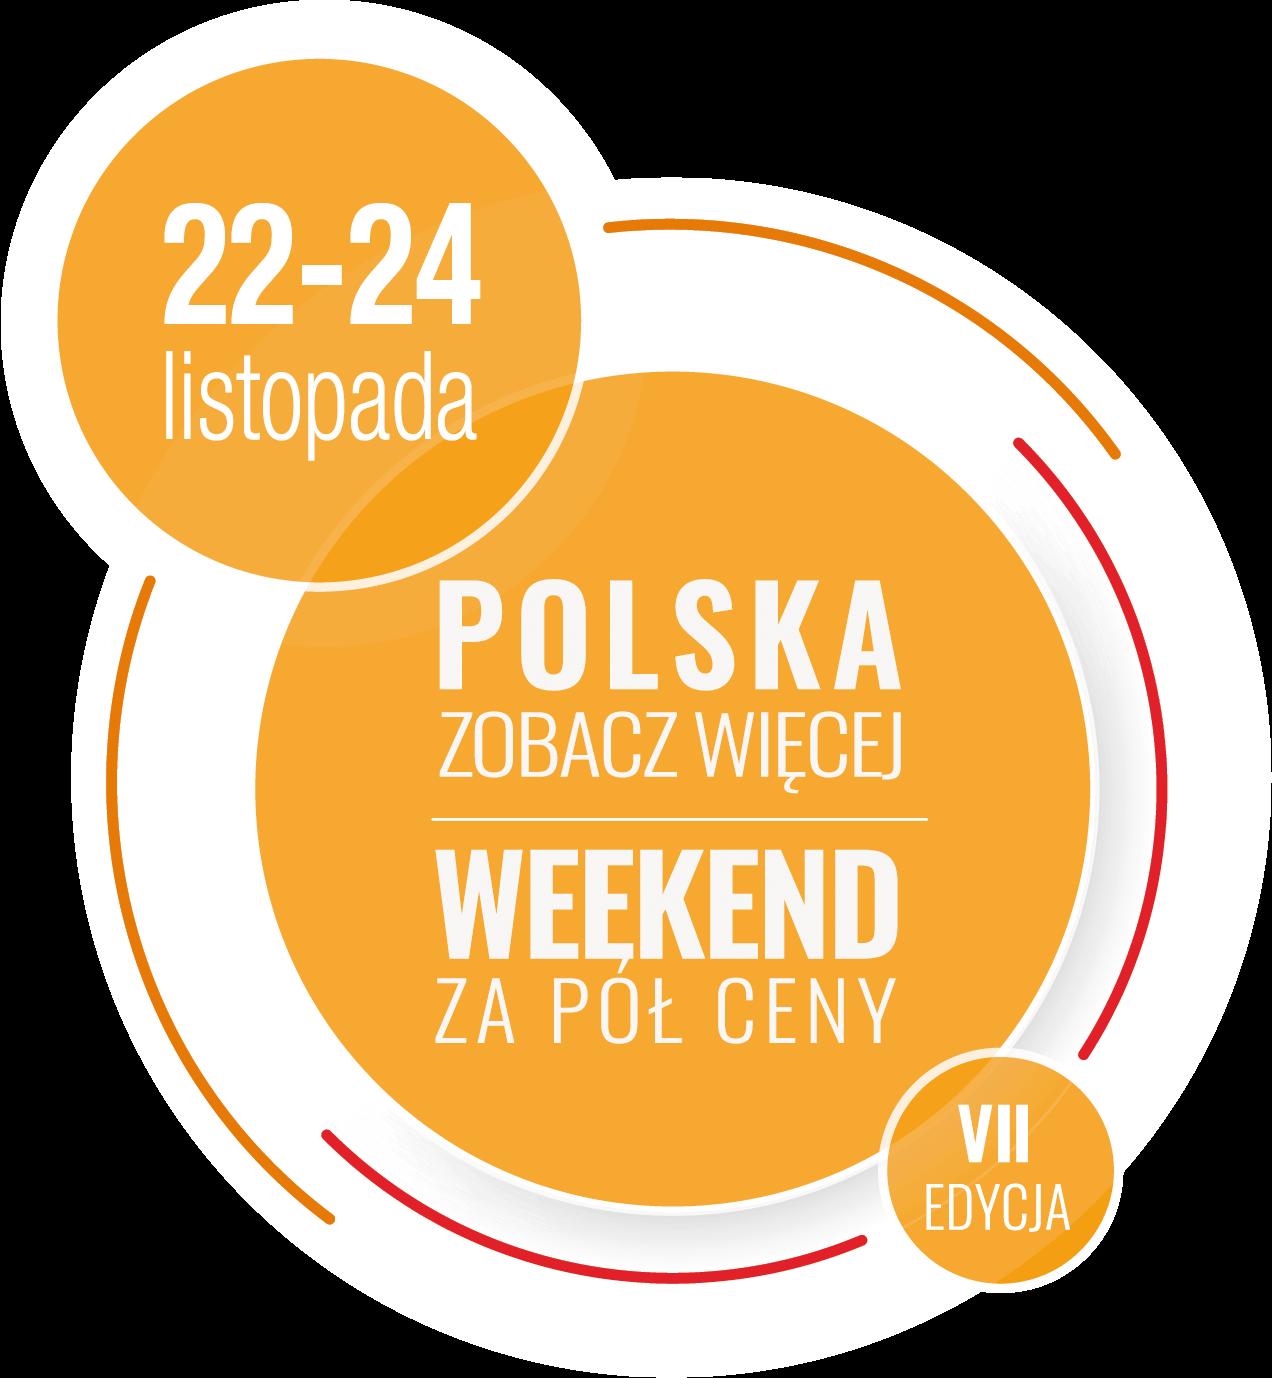 pzw logo jesien 2019